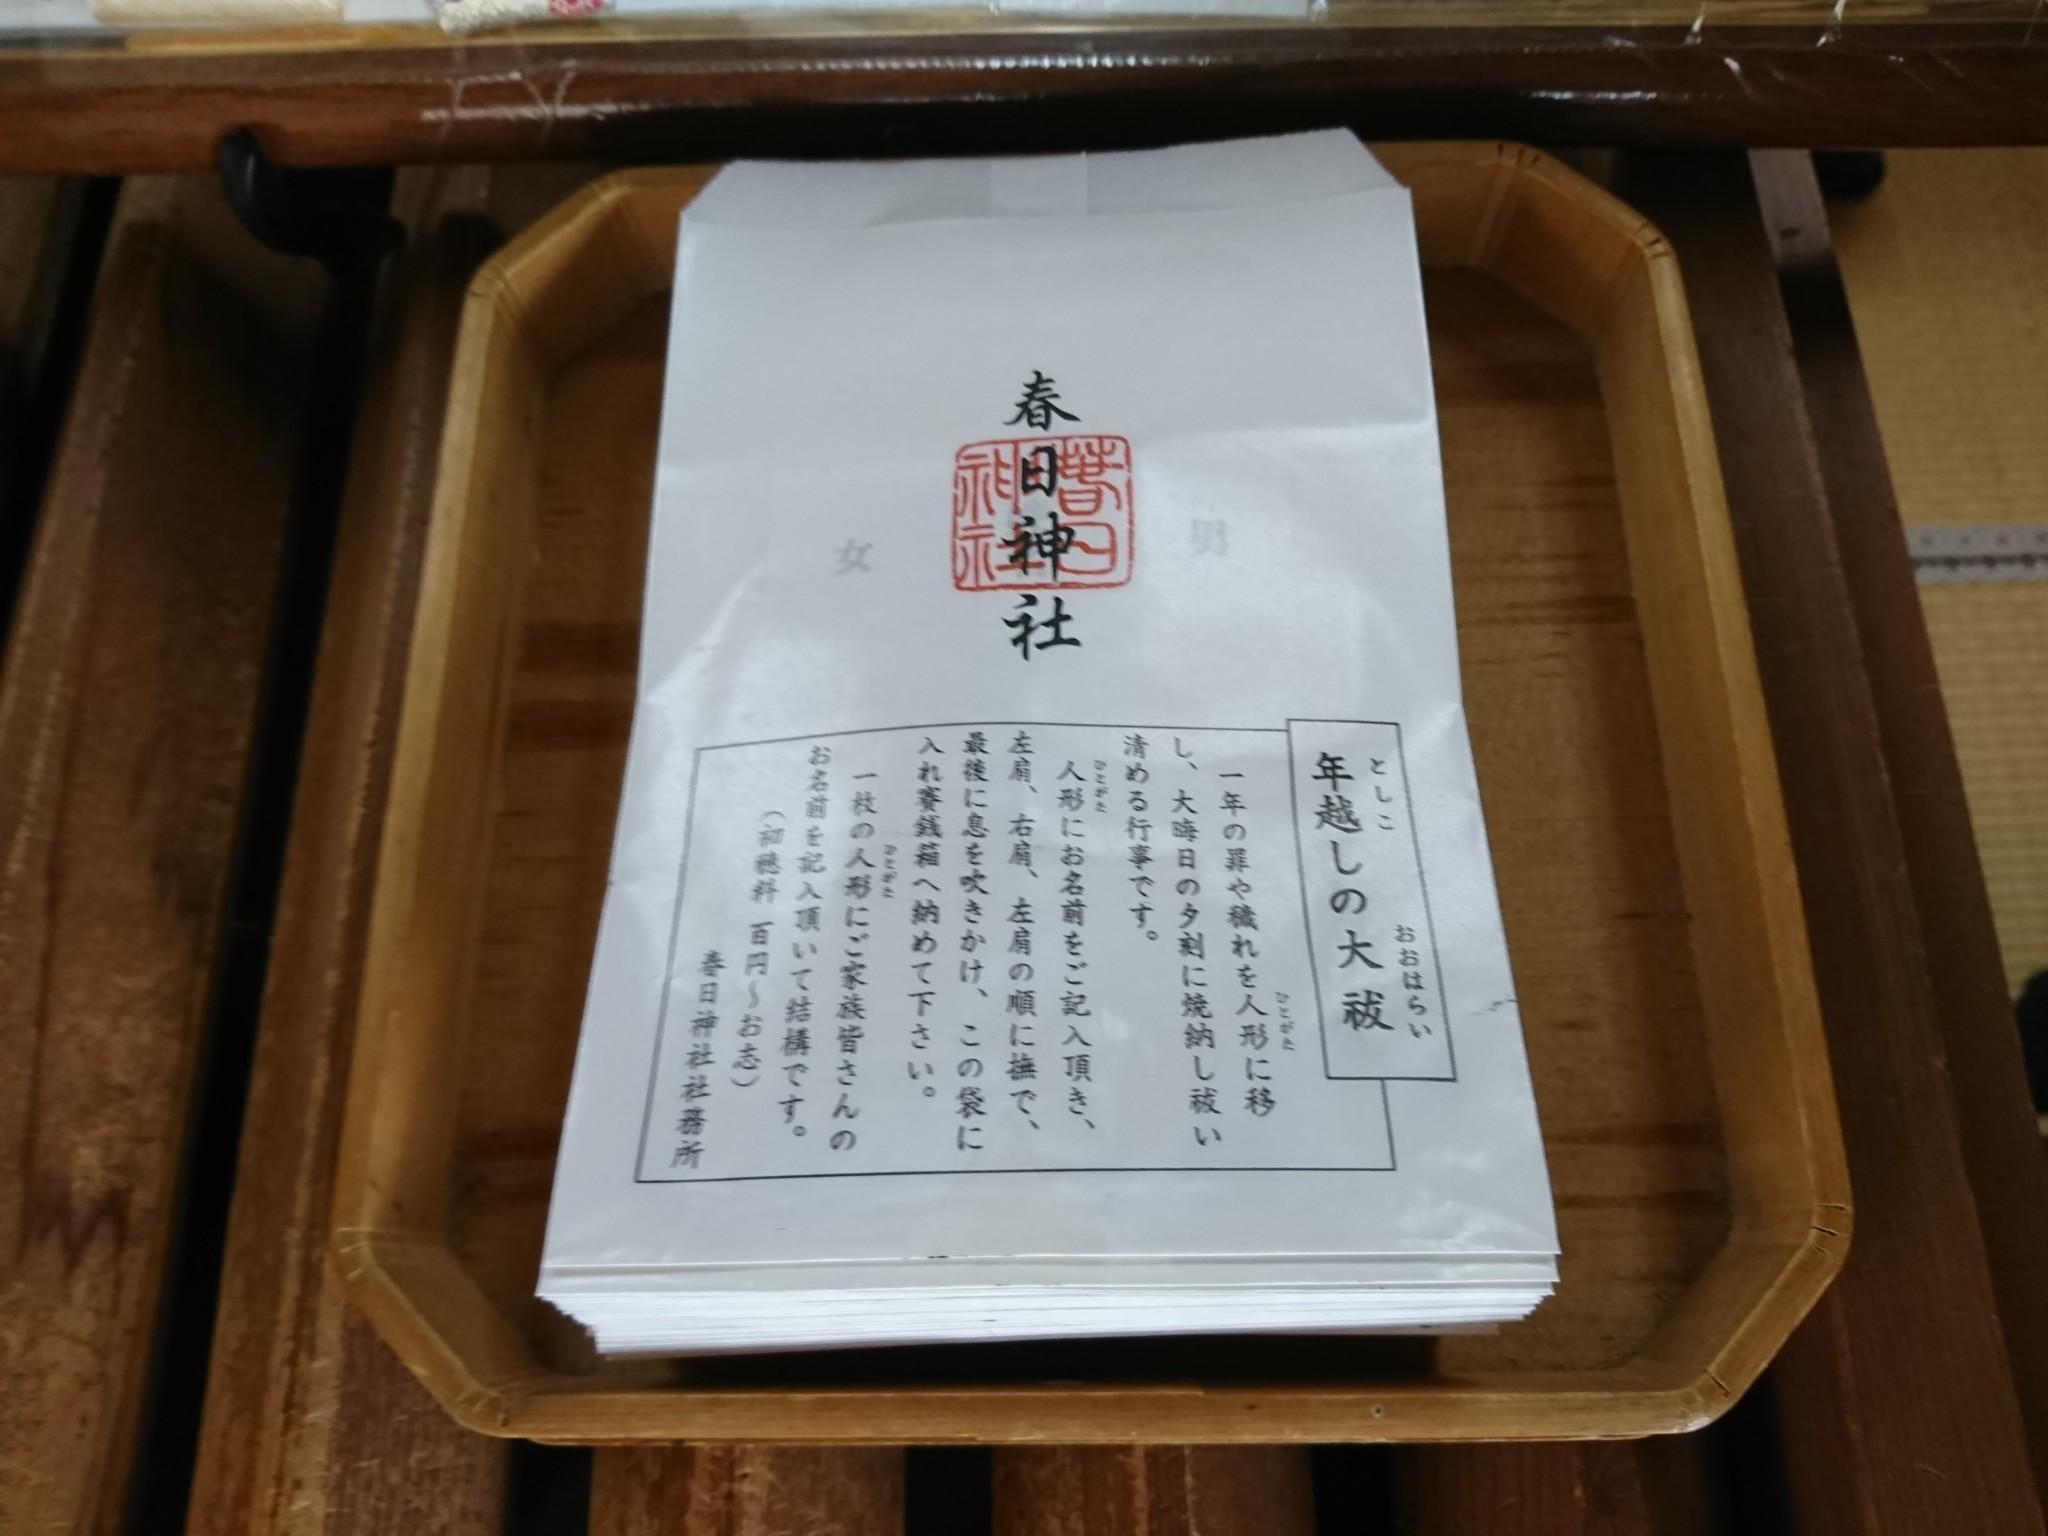 年越の大祓人形頒布開始(平成30年)